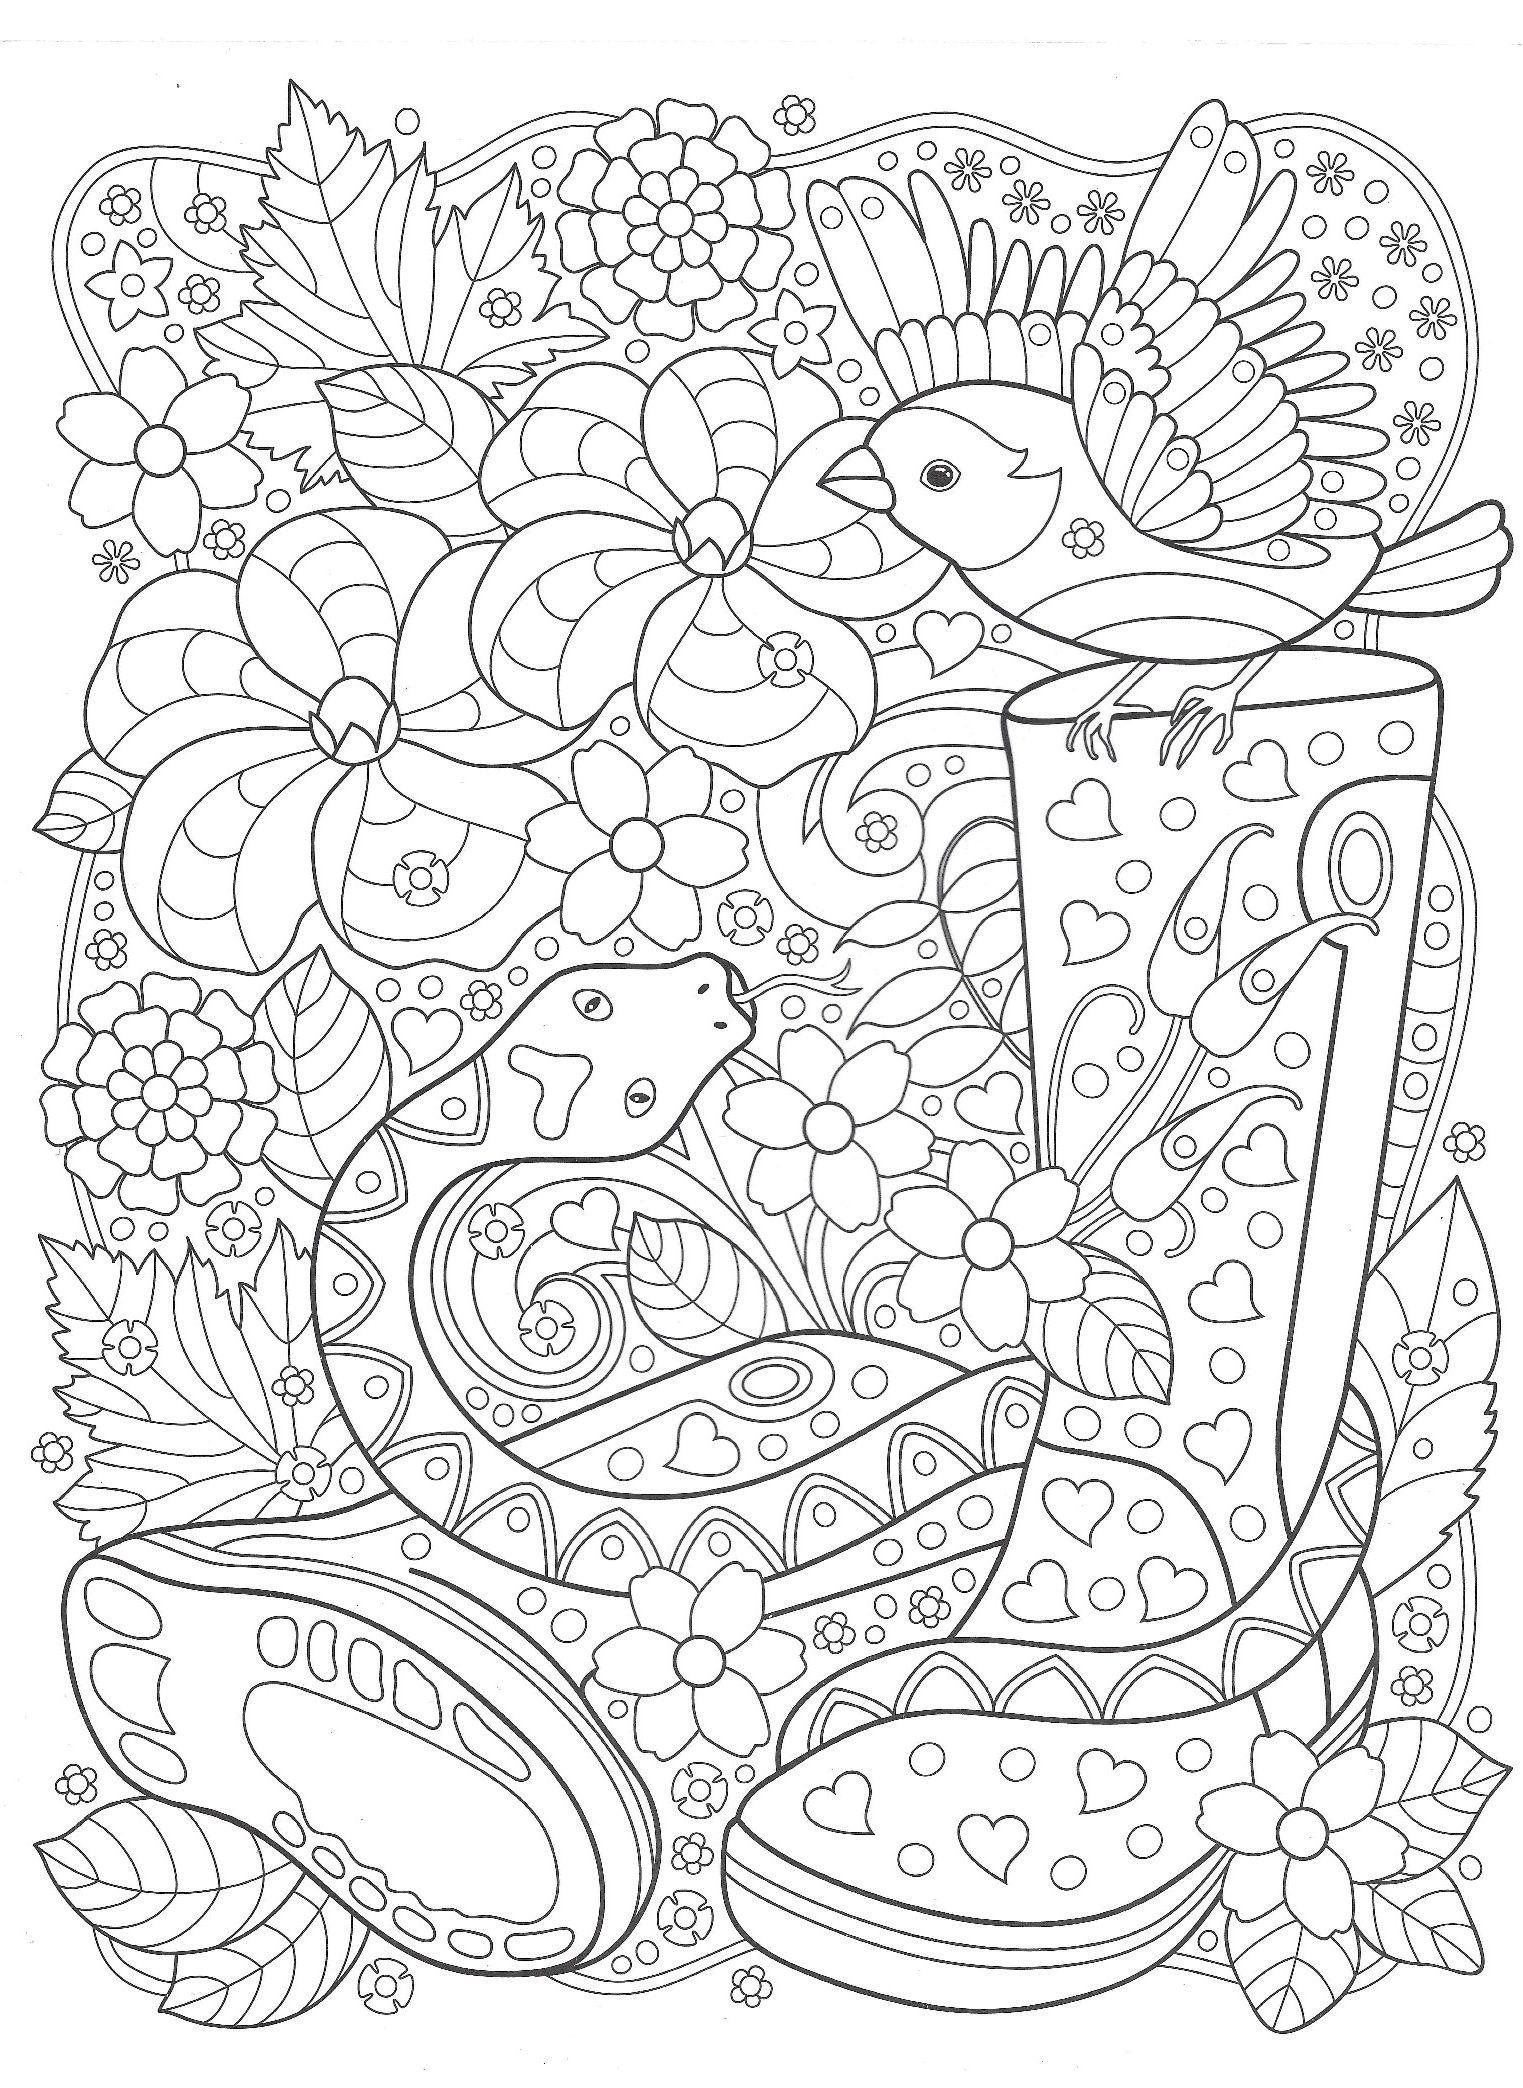 Птица и змея в саду